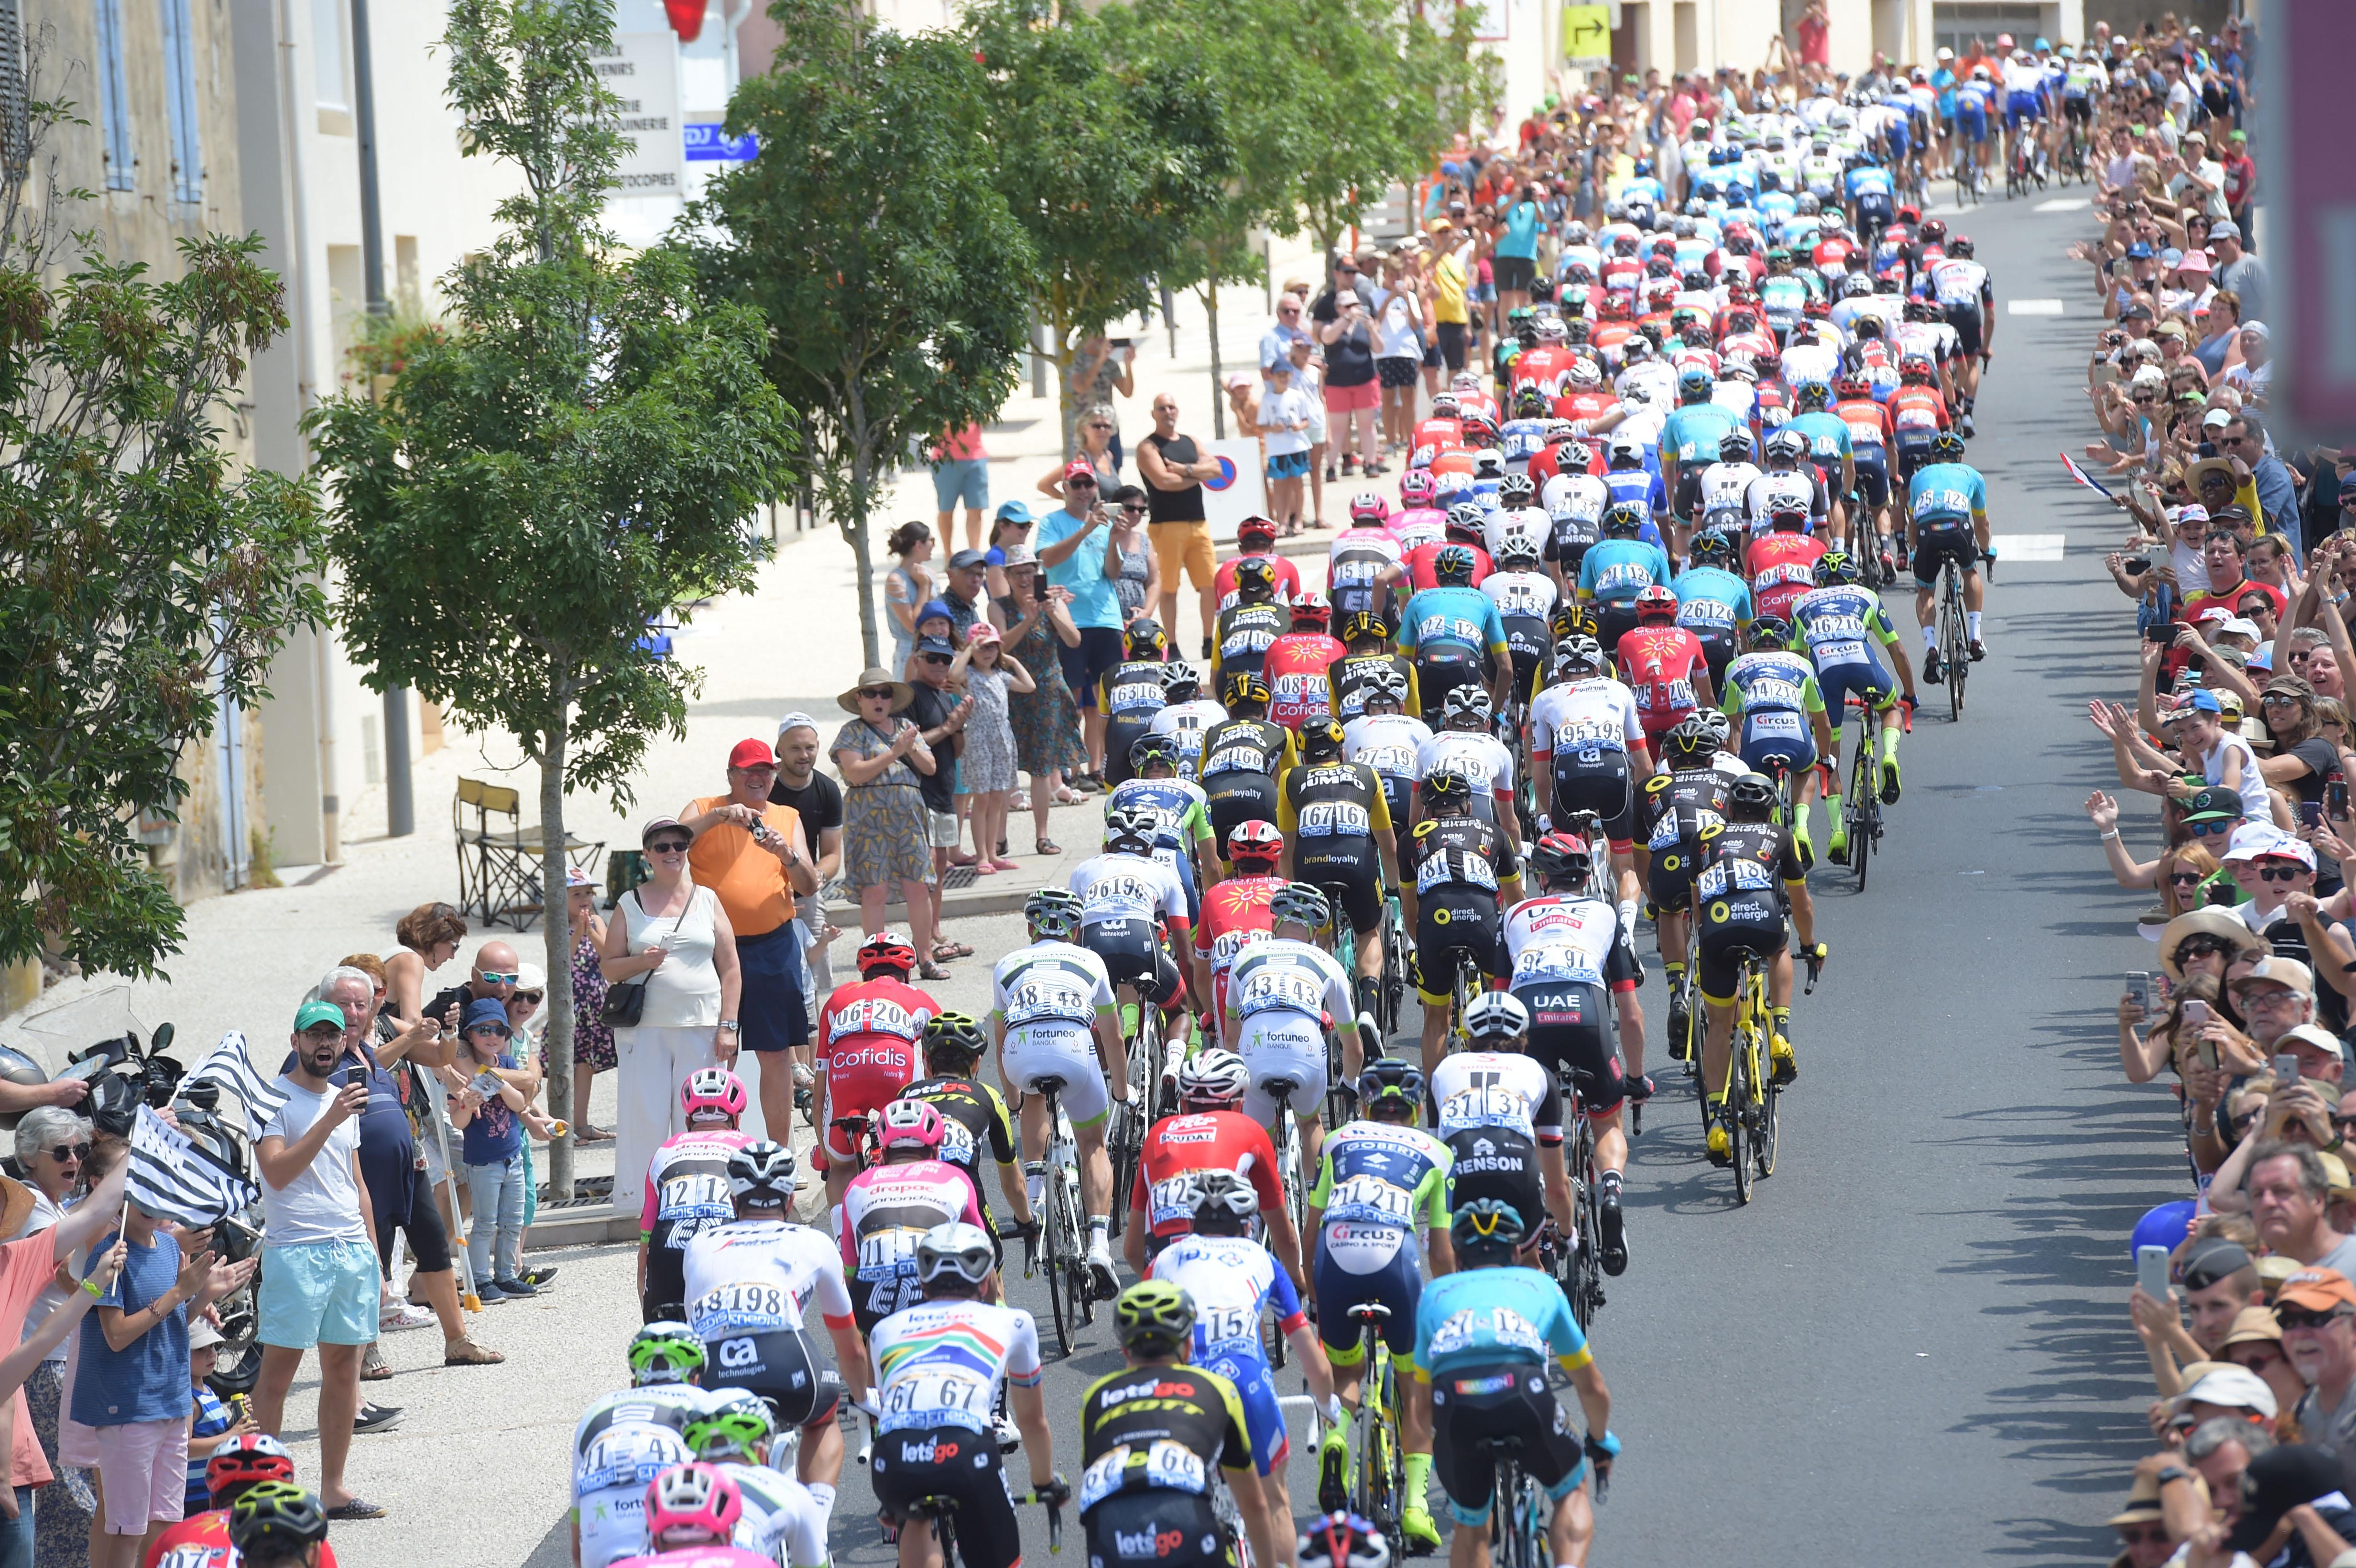 Tour de France organiser reveals more details of 2021 Copenhagen Grand Départ